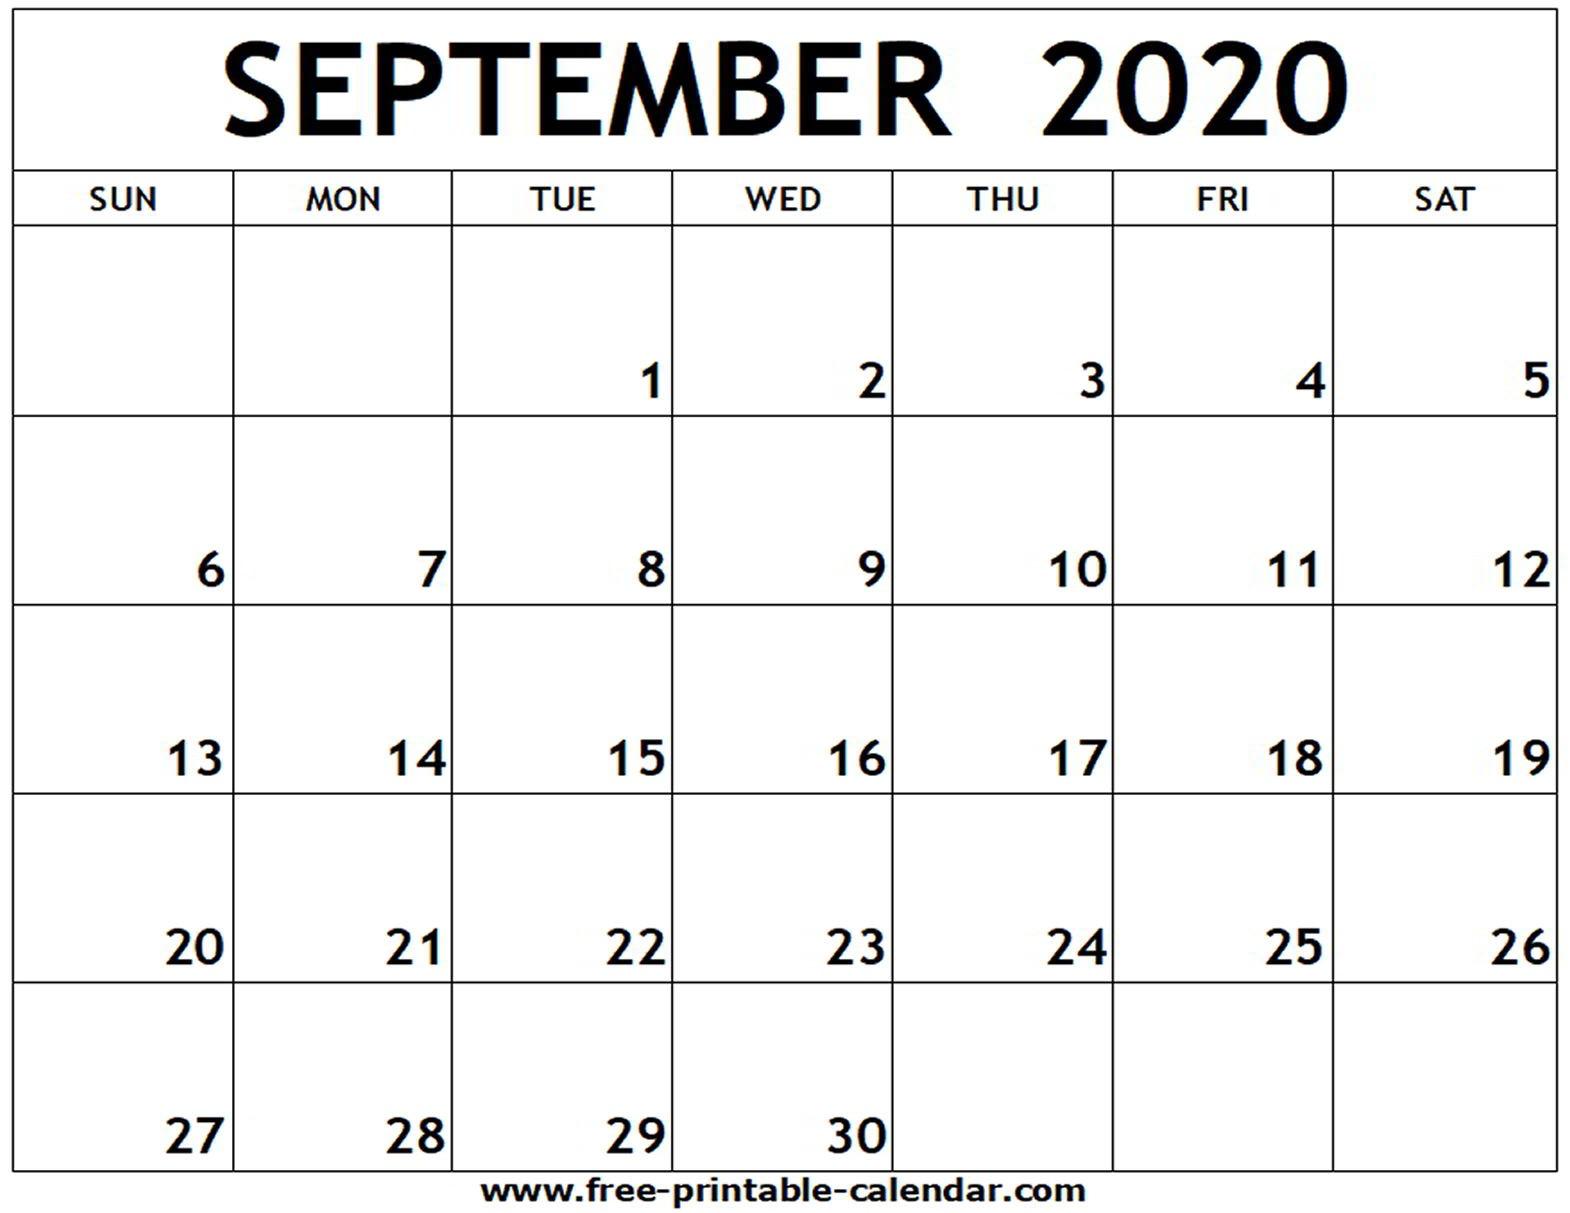 Calendar for September 2020 Printable September 2020 Printable Calendar Free Printable